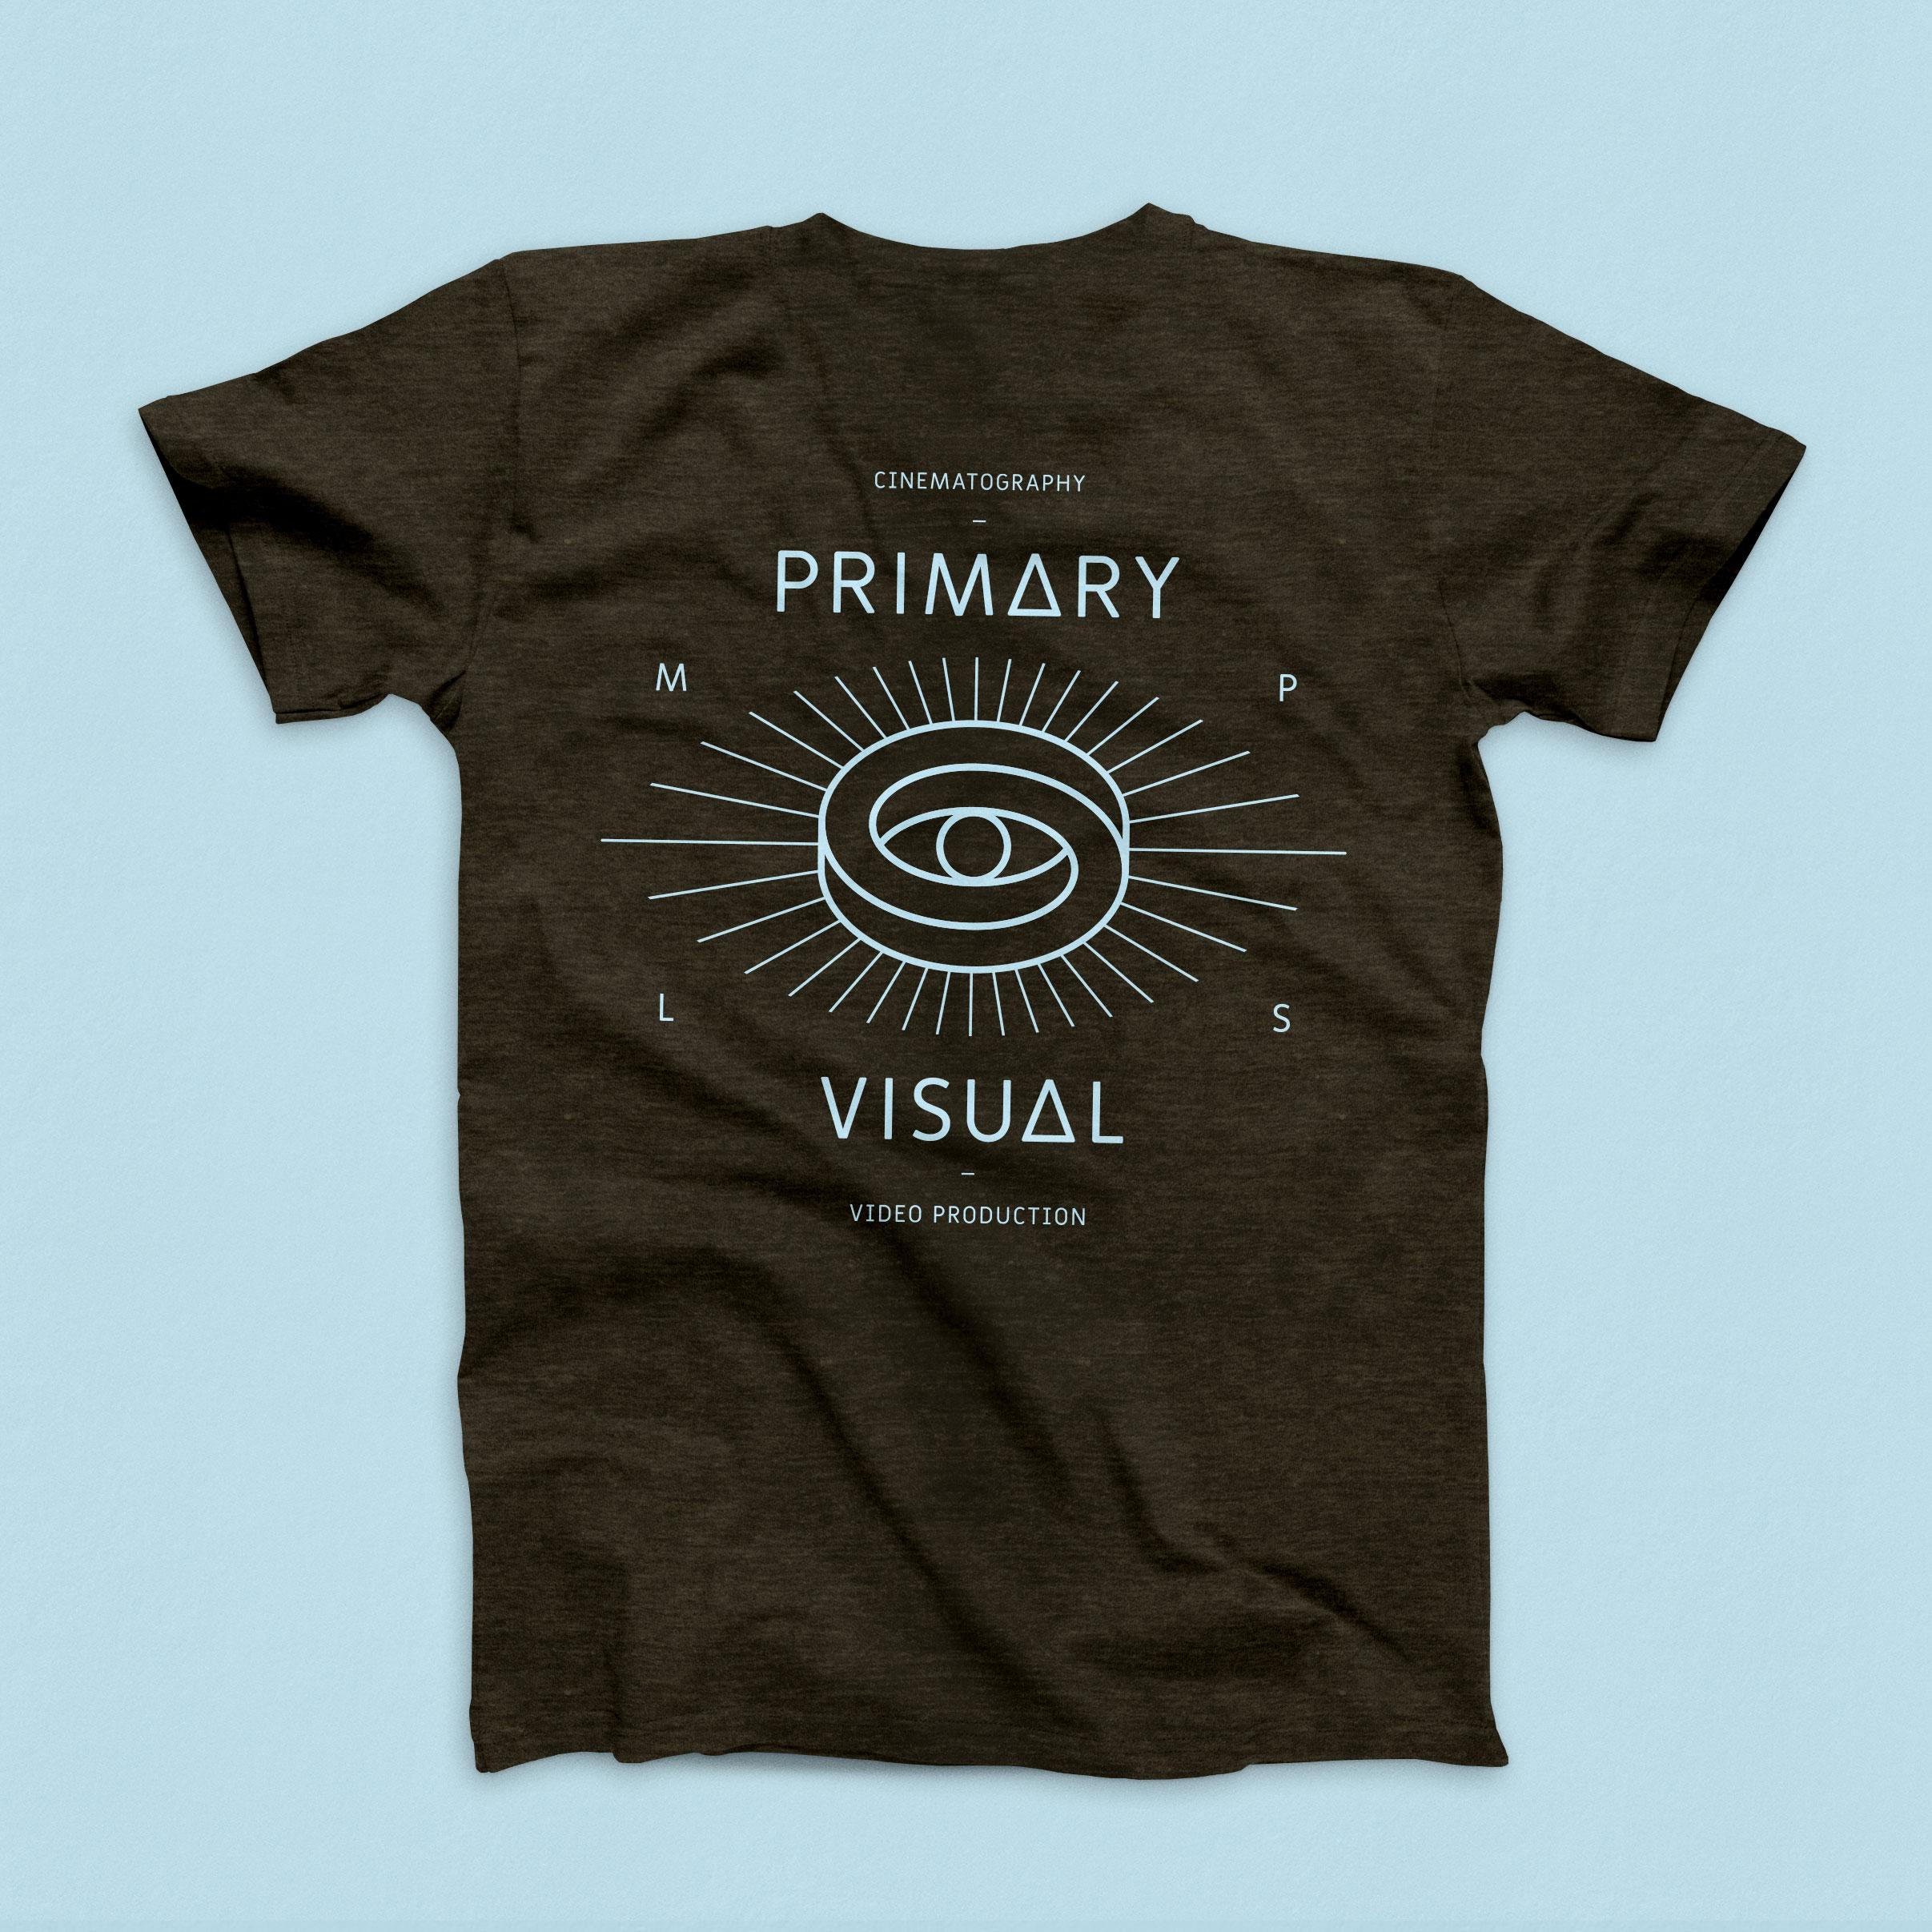 gille-pv-tshirt.jpg